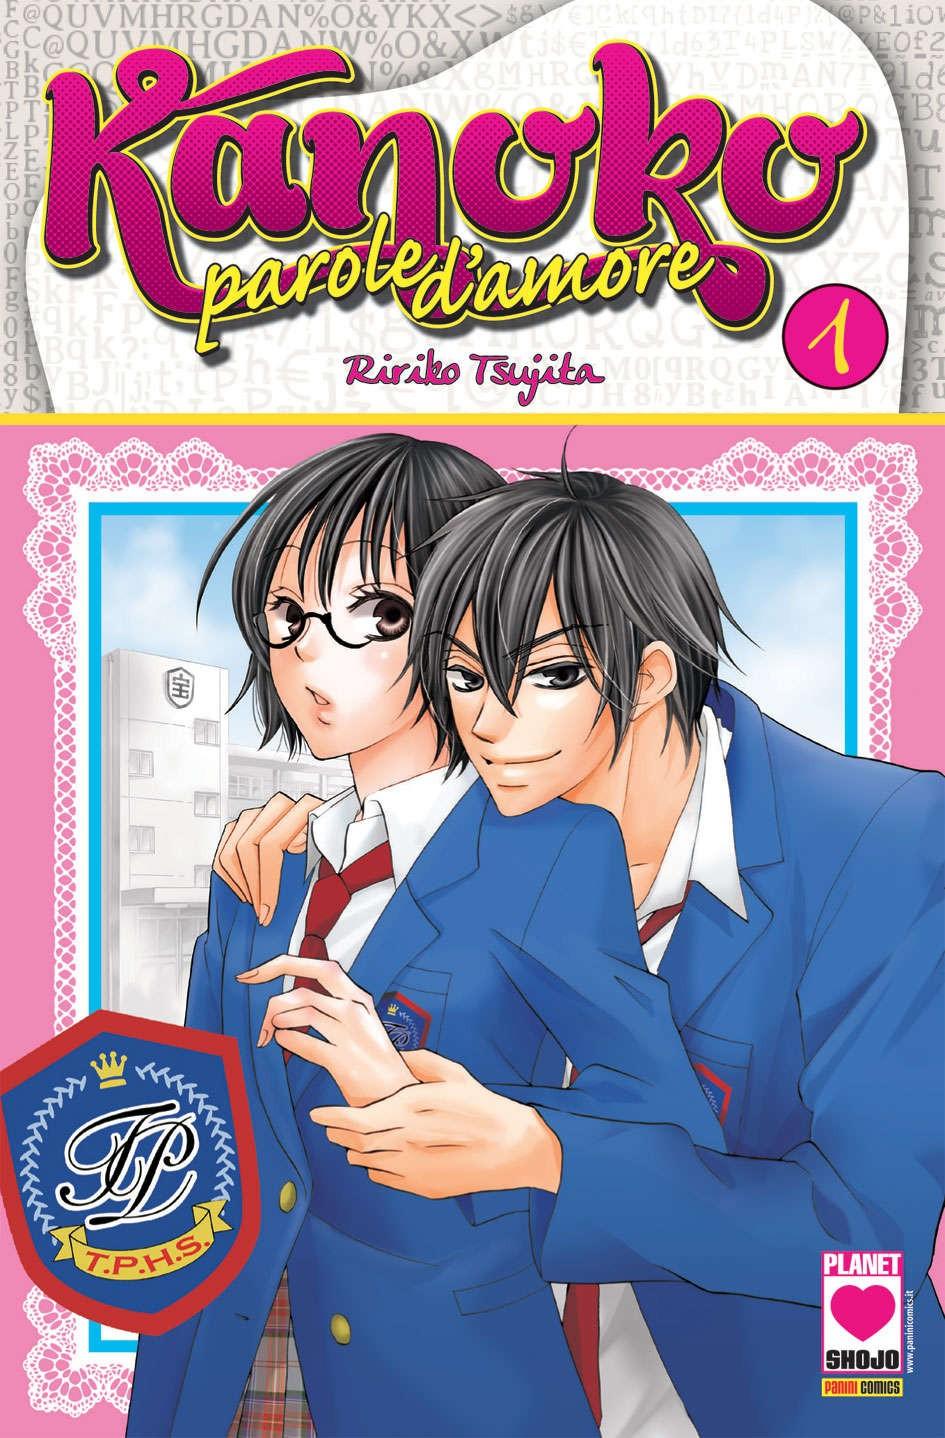 Kanoko Parole D'Amore - N° 1 - Kanoko Parole D'Amore (M11) - I Love Japan Planet Manga